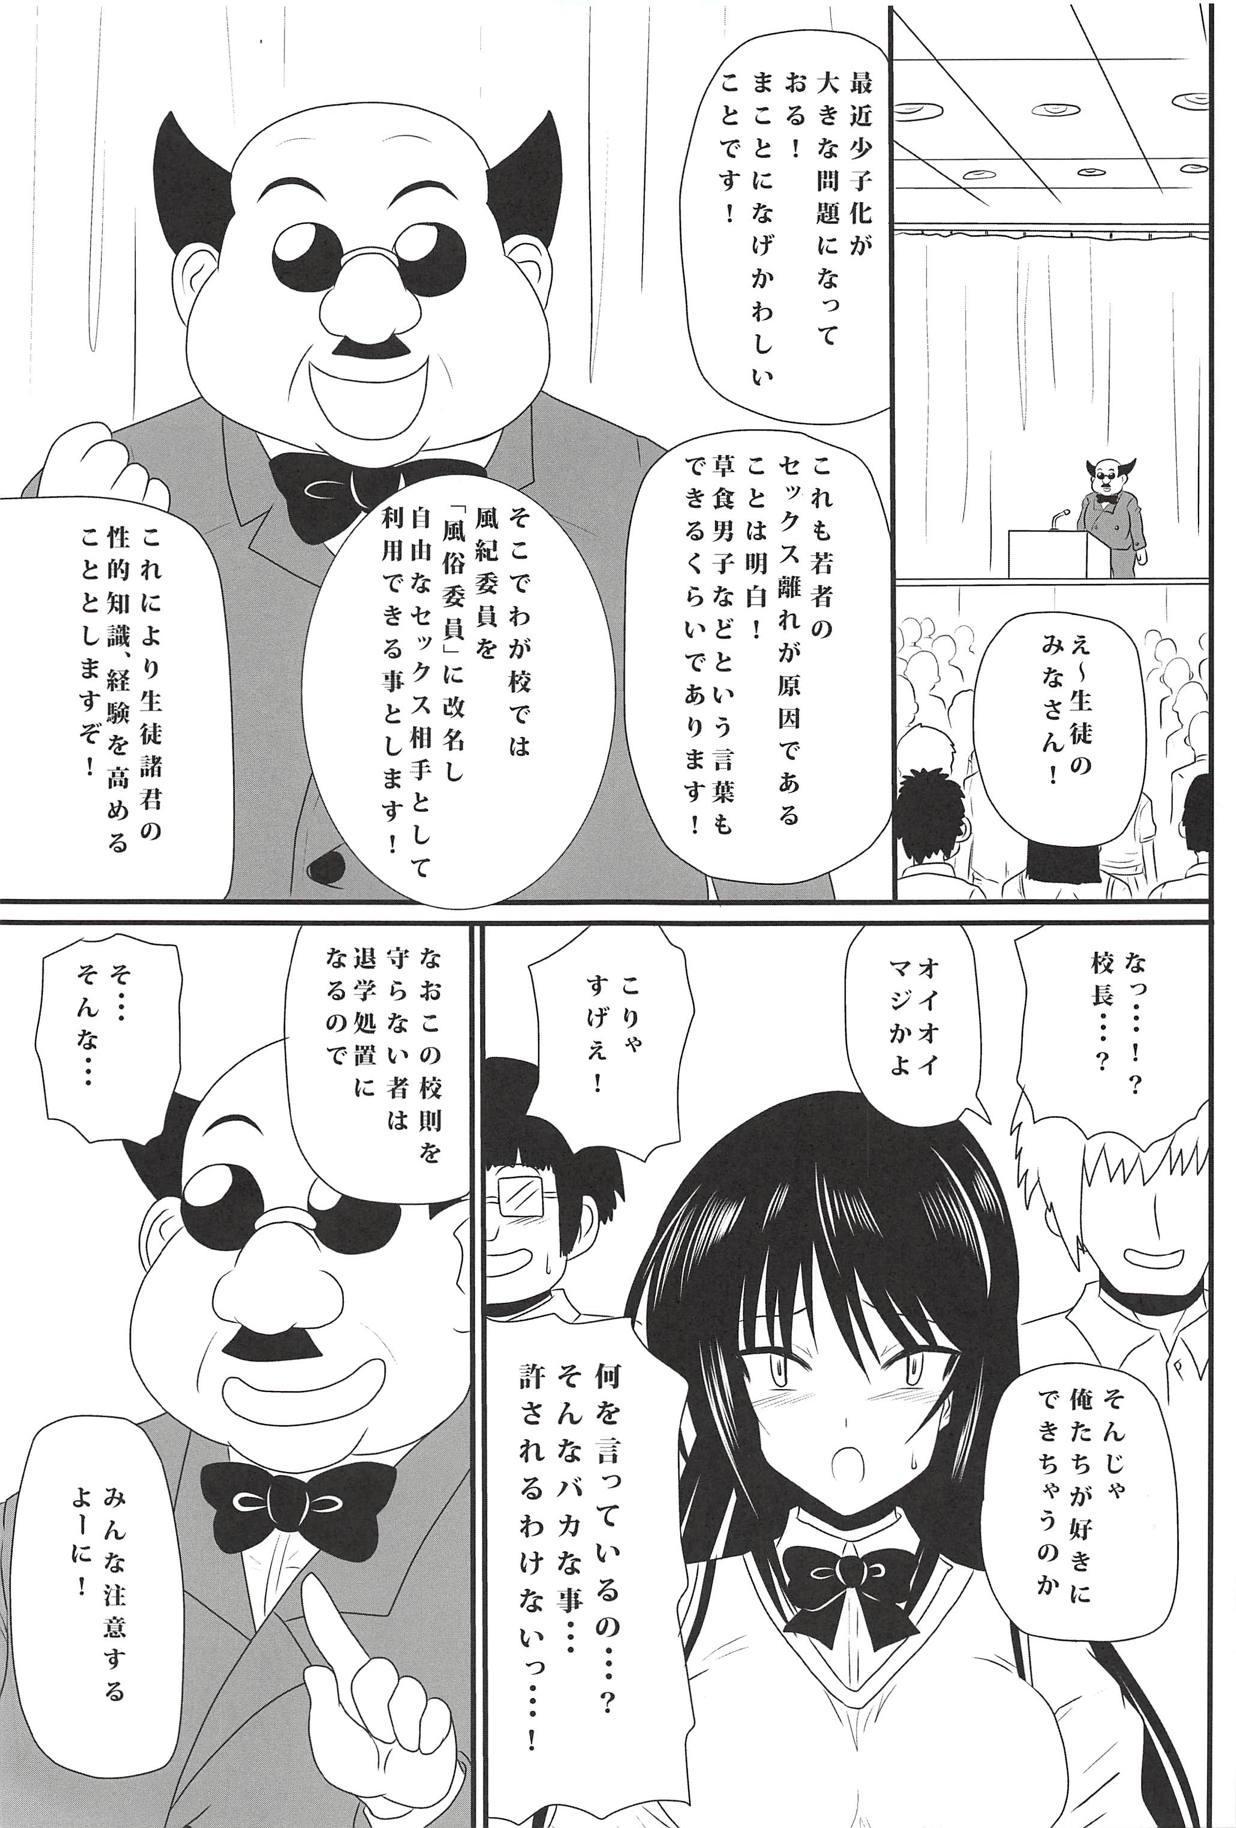 Kotegawa Yui no Harenchi Nikki 2